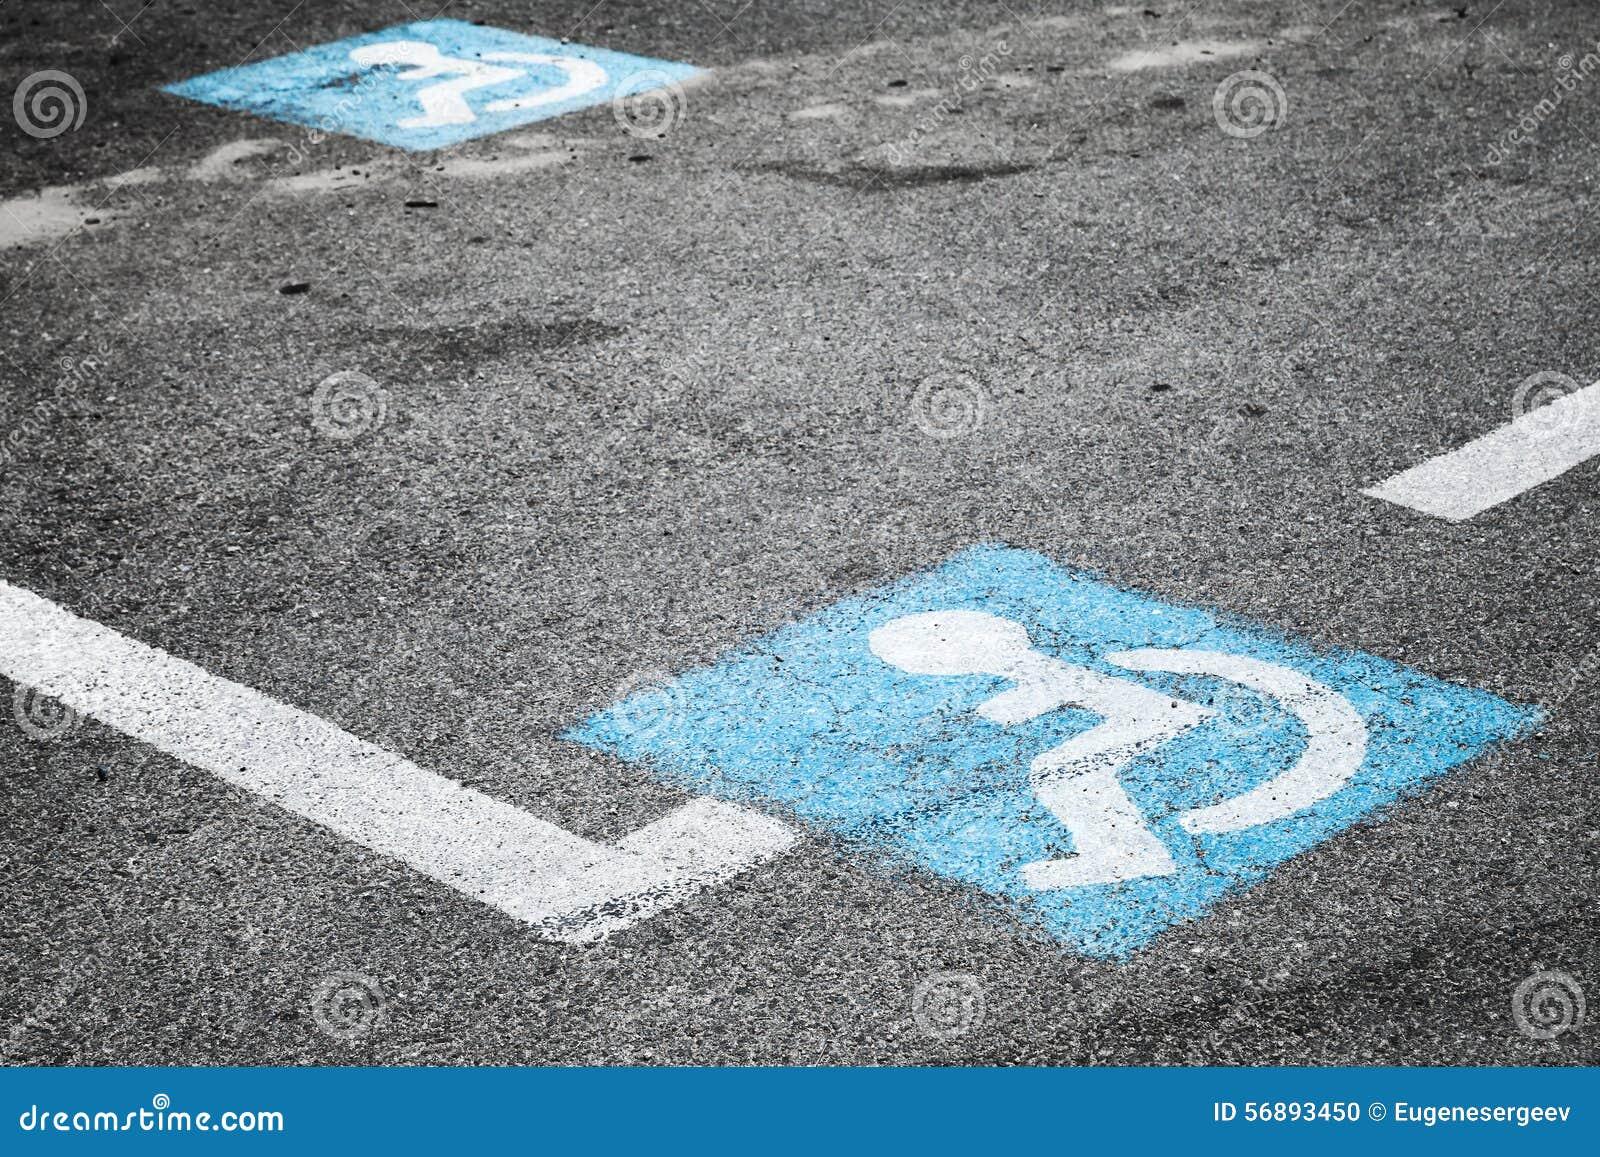 Segnaletica stradale del posto per le persone disabili